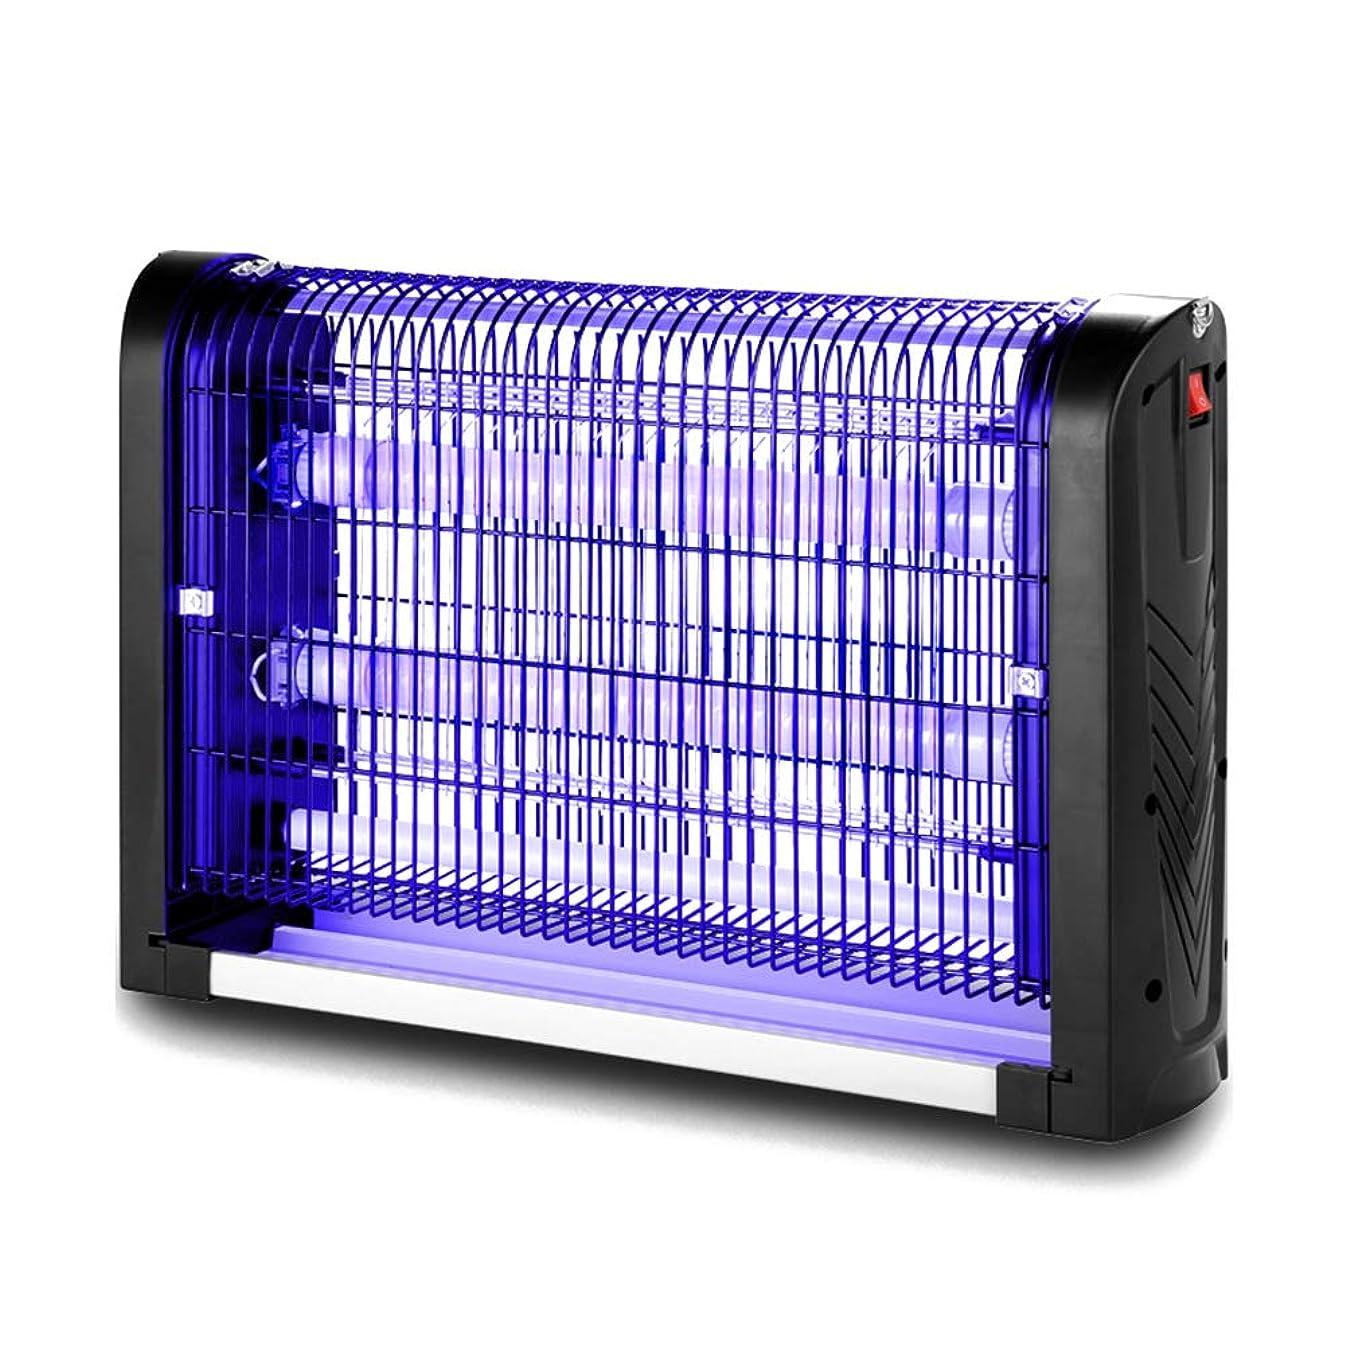 カーフ大騒ぎ彼ZEMIN 蚊ランプ電撃殺虫灯 誘虫灯 家庭 差し込む LEDチューブ 透過性 引き出しタイプ ストレージ お手入れが簡単 4サイズ (色 : ブラック, サイズ さいず : 2X4W)